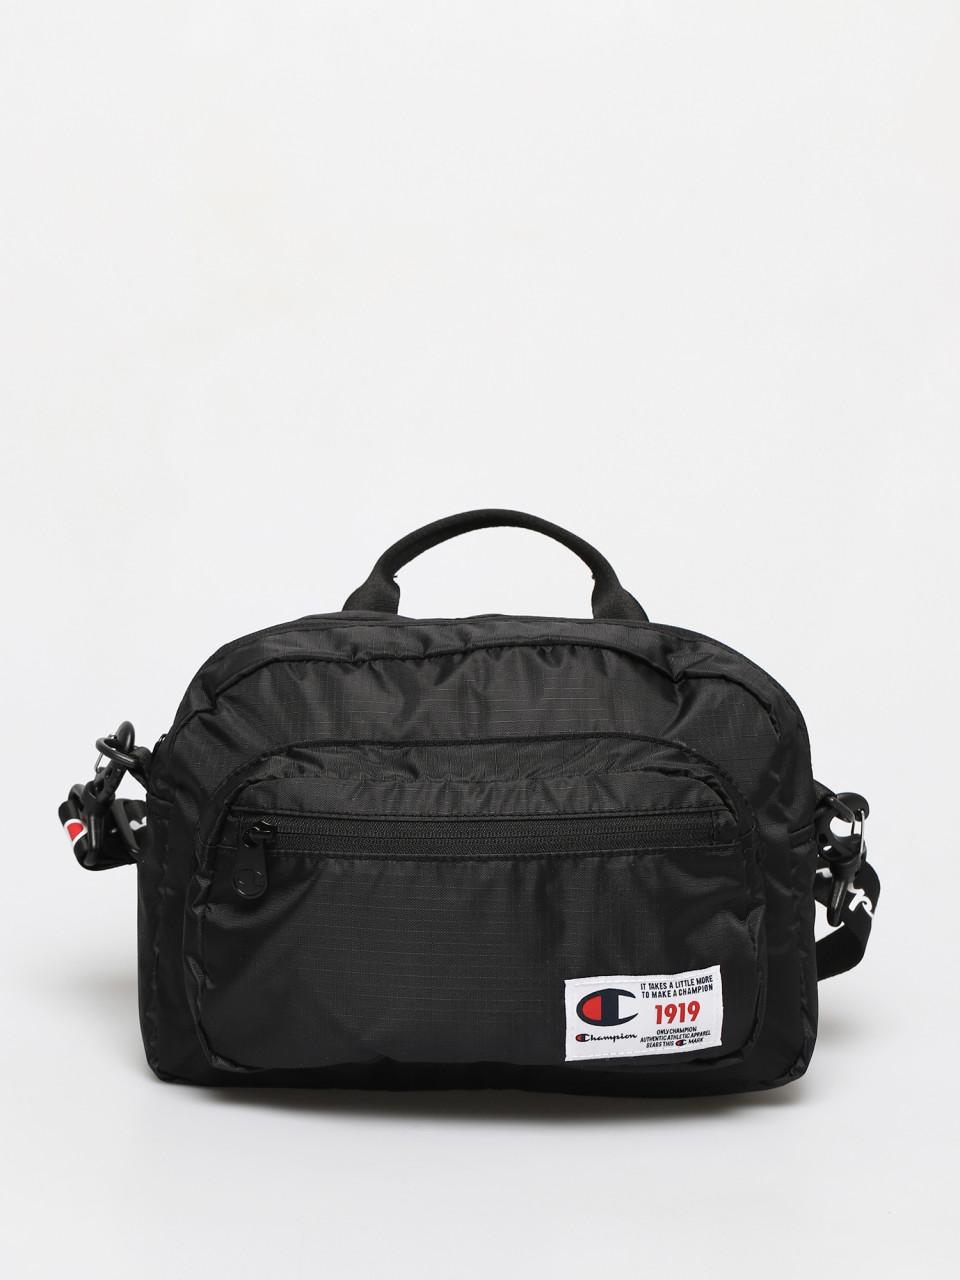 Torba Champion Bag 804776 Nbk Bags Duffle Bag Camera Bag